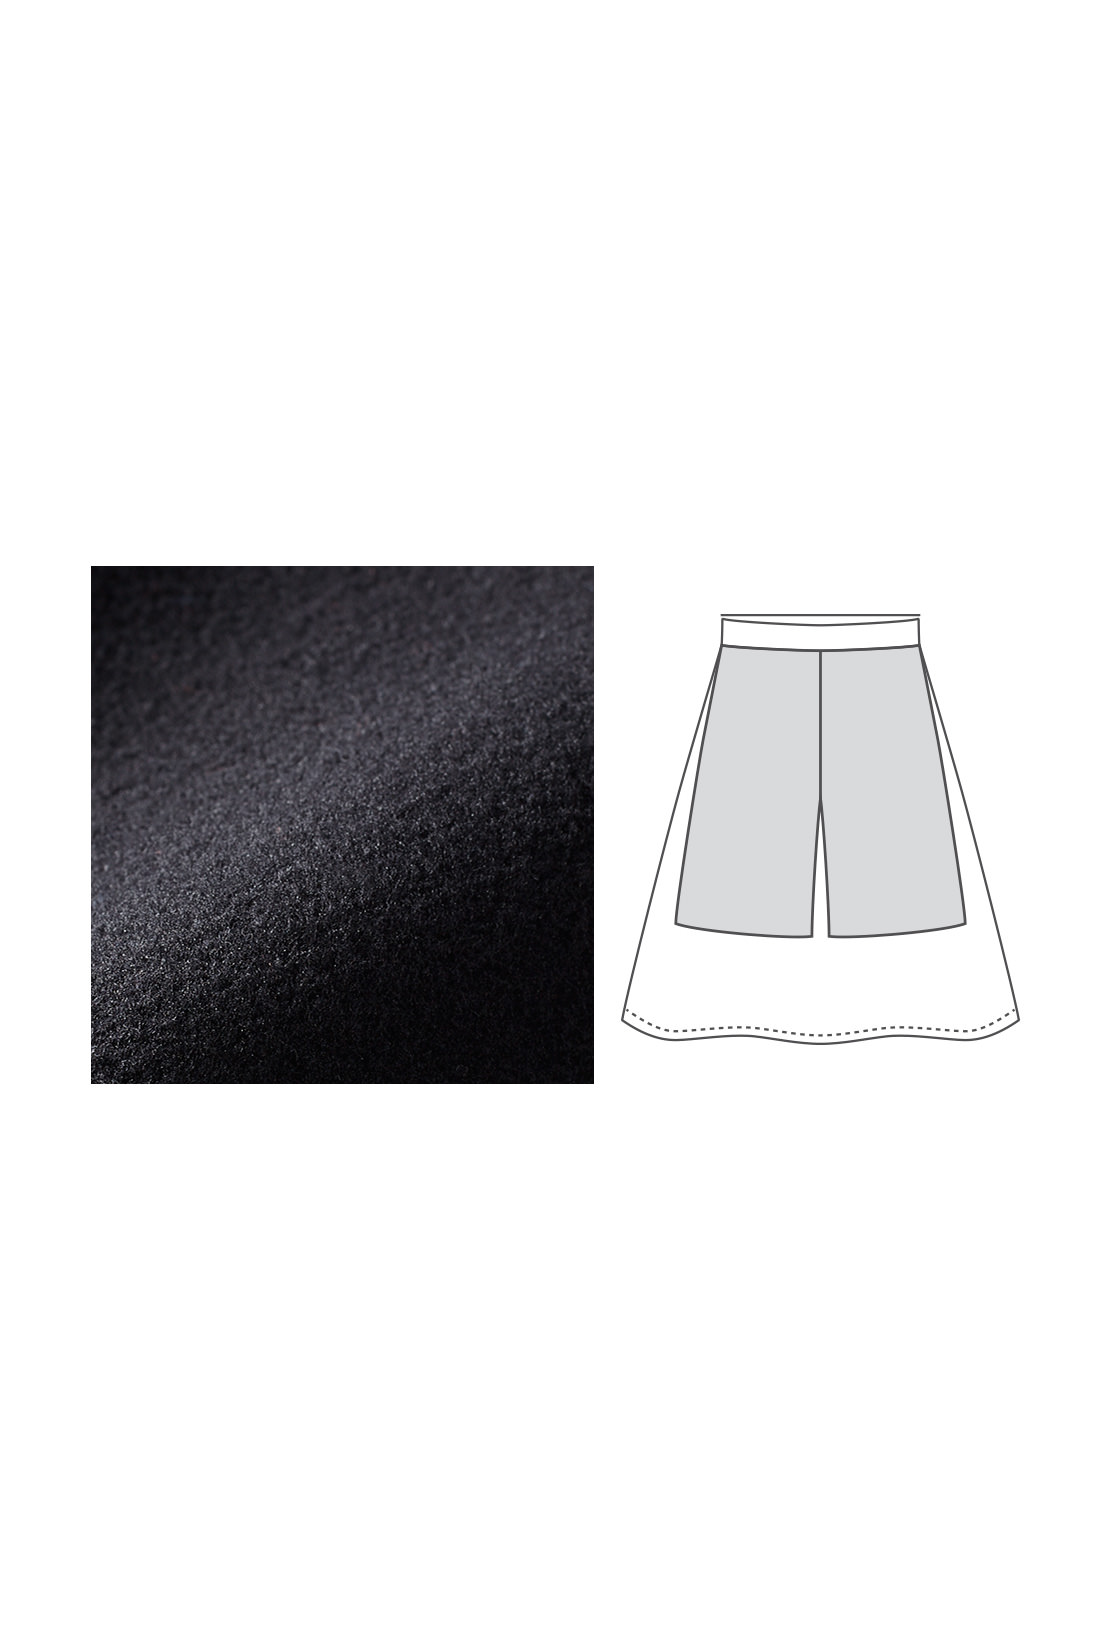 インナーパンツ付き ひざ上までの裏起毛インナーパンツ付きなのでスカート特有の脚の冷え感が解消され、しっかり暖か。インナーパンツは伸びやかなカットソー素材でタイツとの重ねばきもOK。